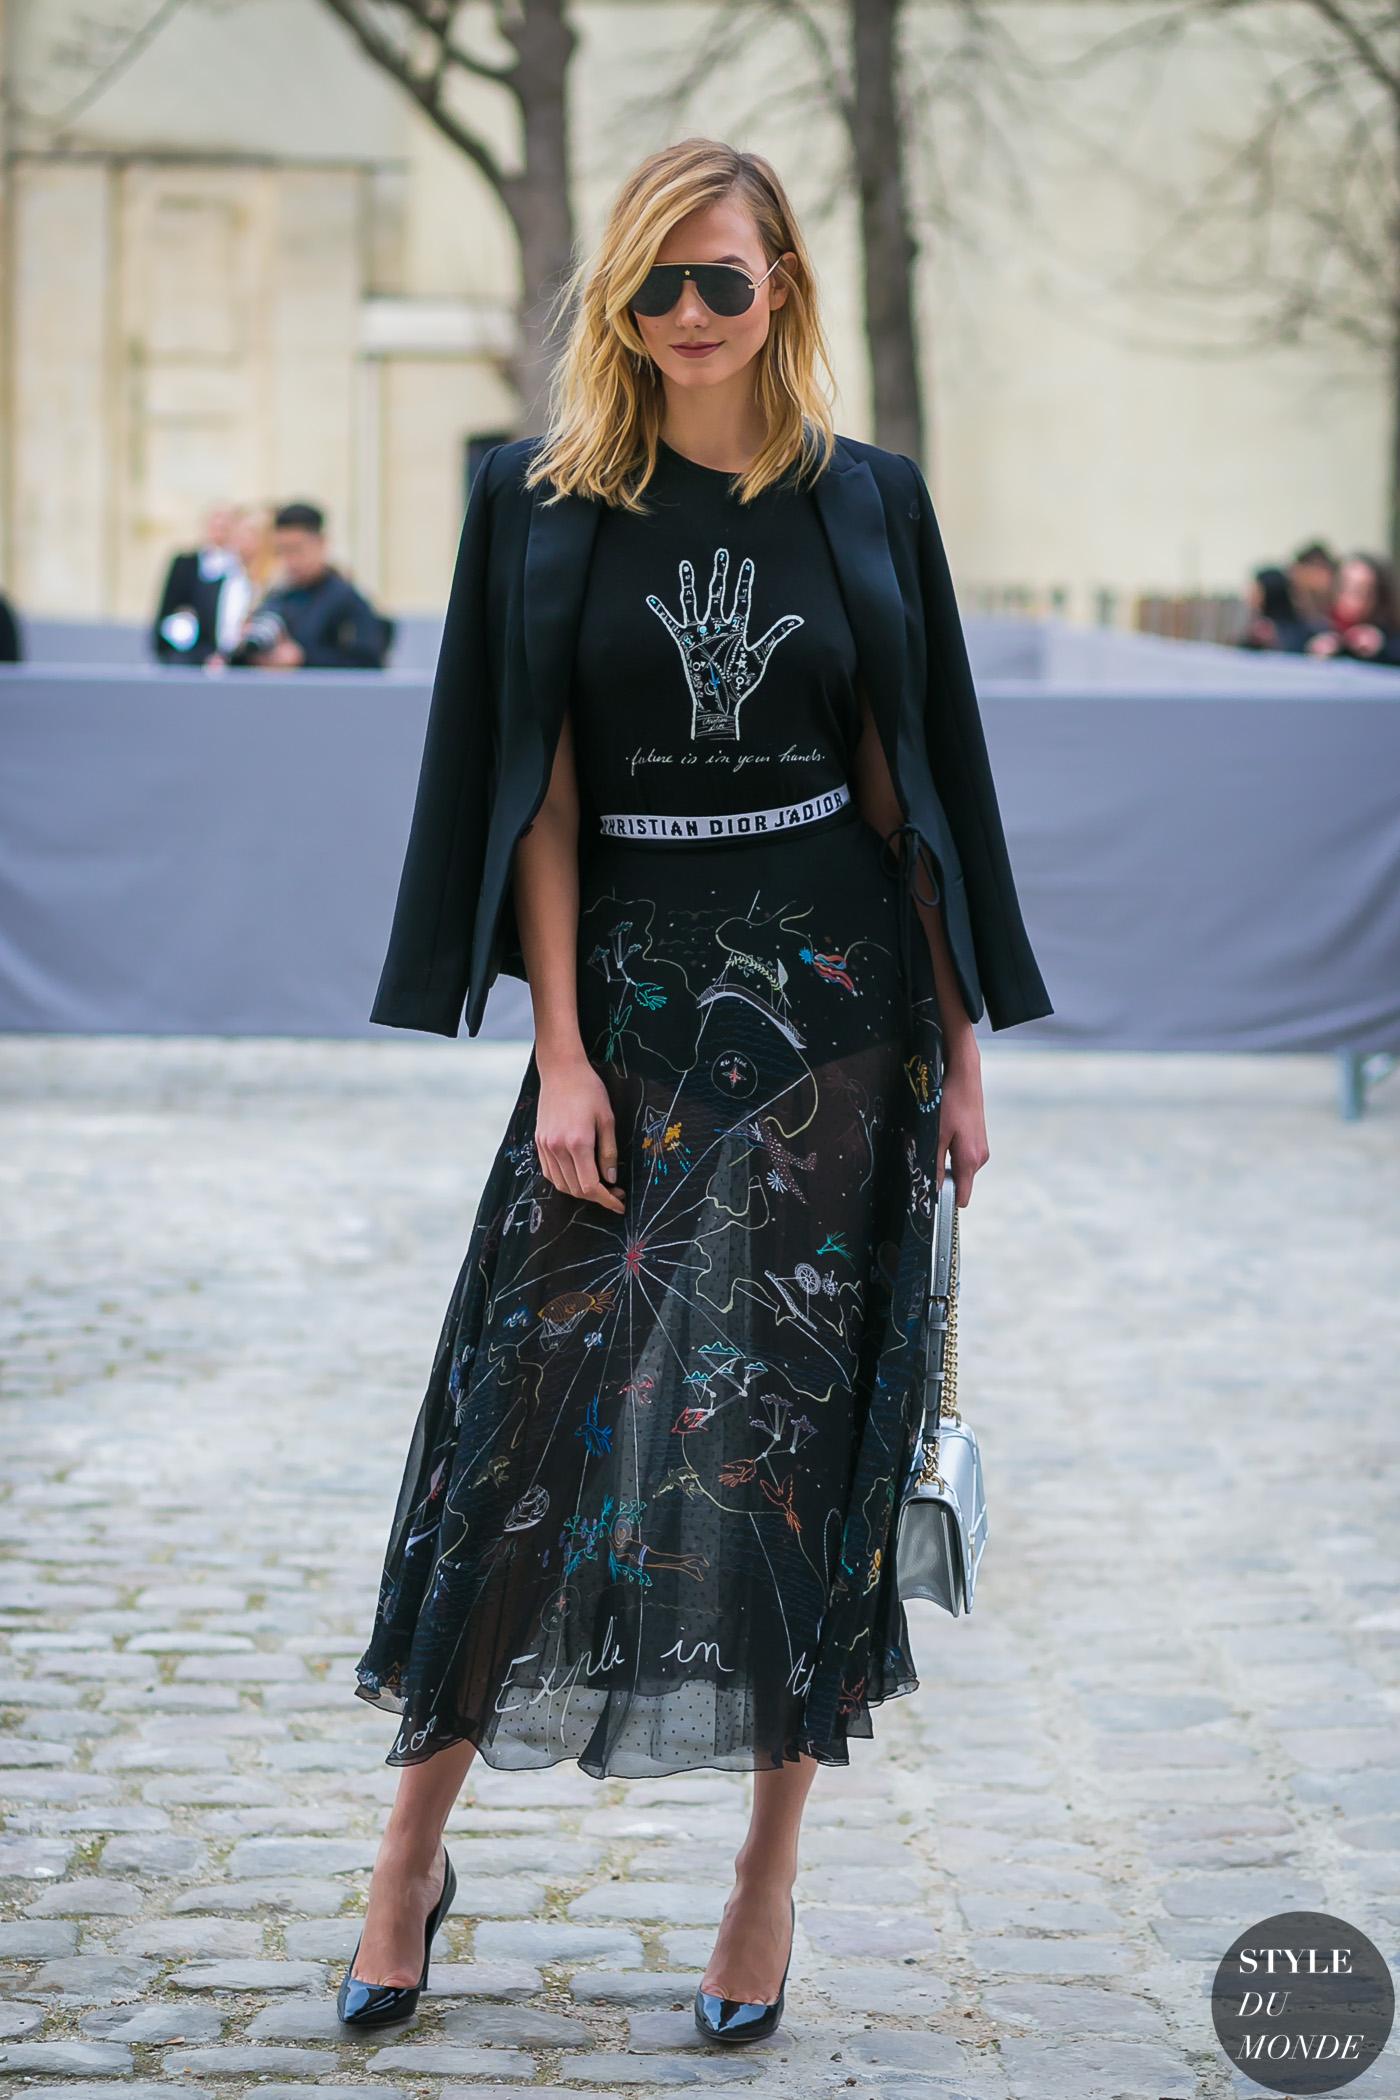 Karlie Kloss diện chân váy cùng áo thun đen